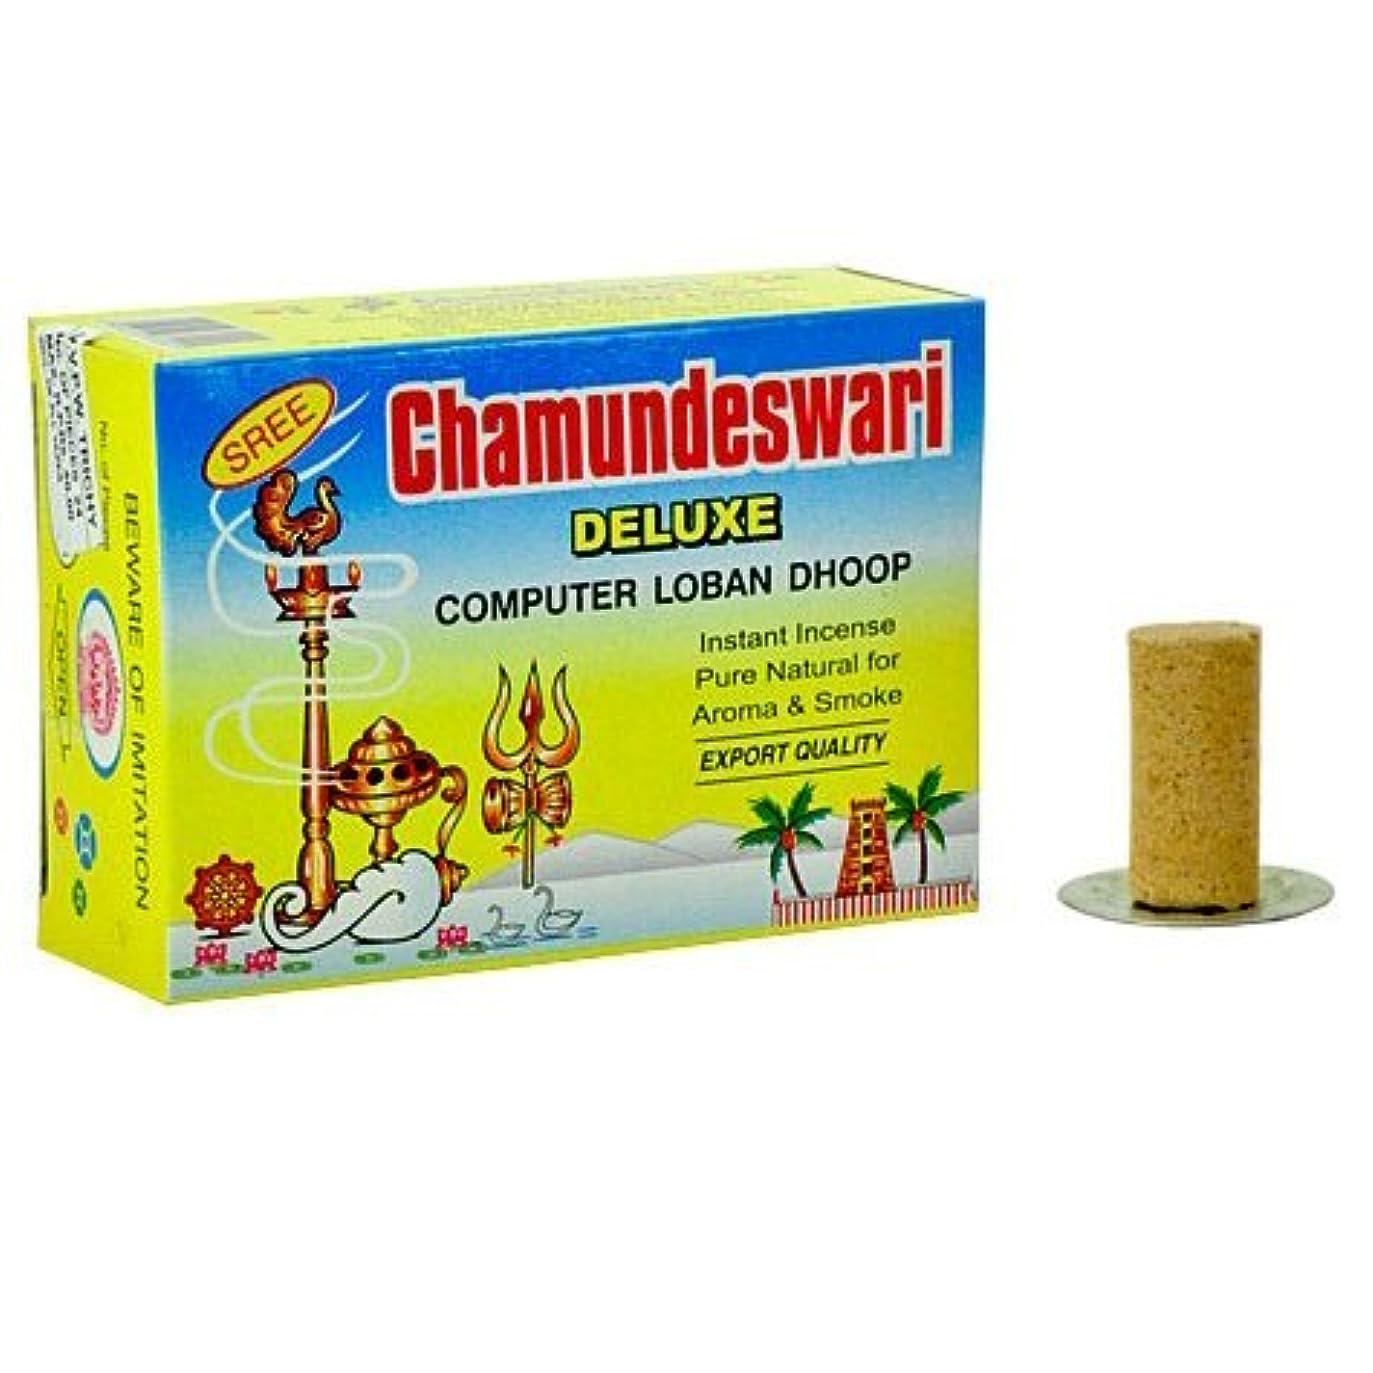 ファンネルウェブスパイダーかけがえのない温度計Sree ChamundeswariデラックスコンピュータSambrani Loban Dhoop、1.5